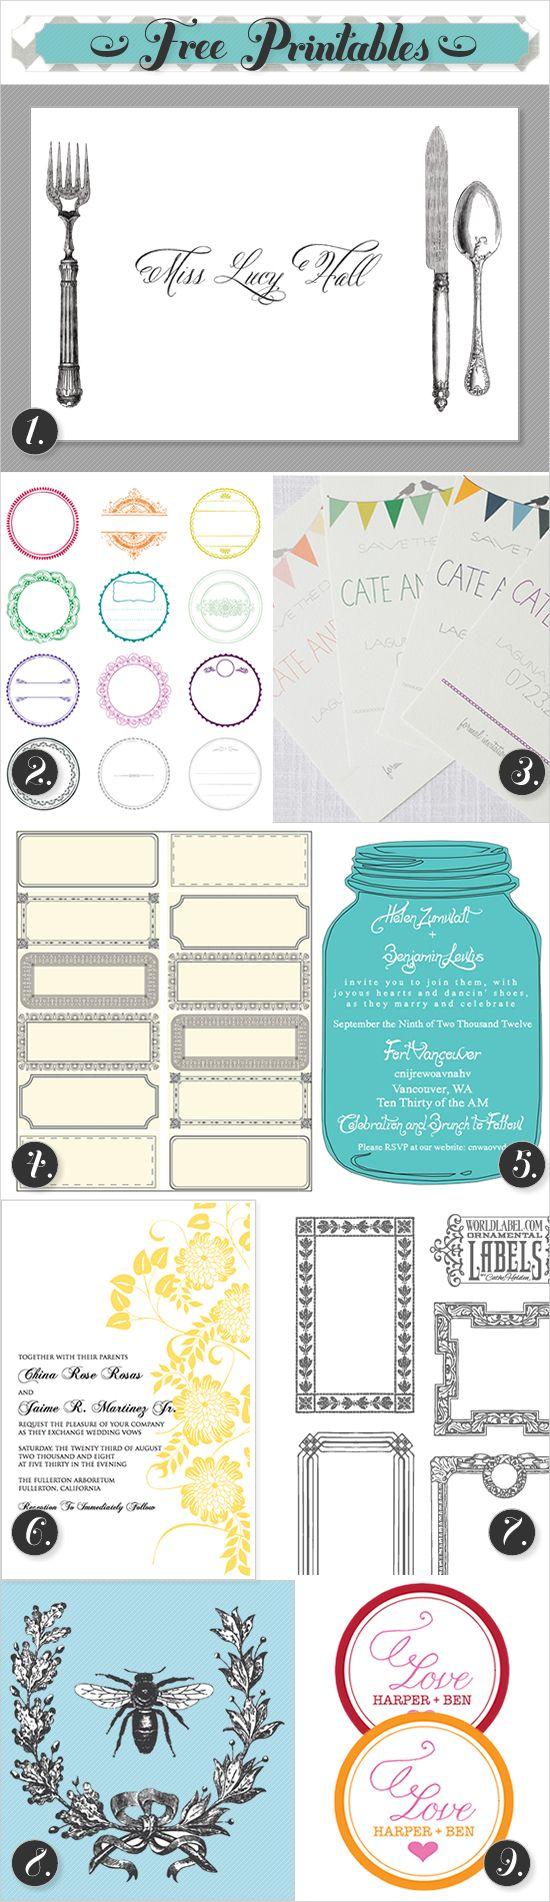 free printable templates: Wedding Printable, Printables, Diy Printable, Free Download, Free Printable